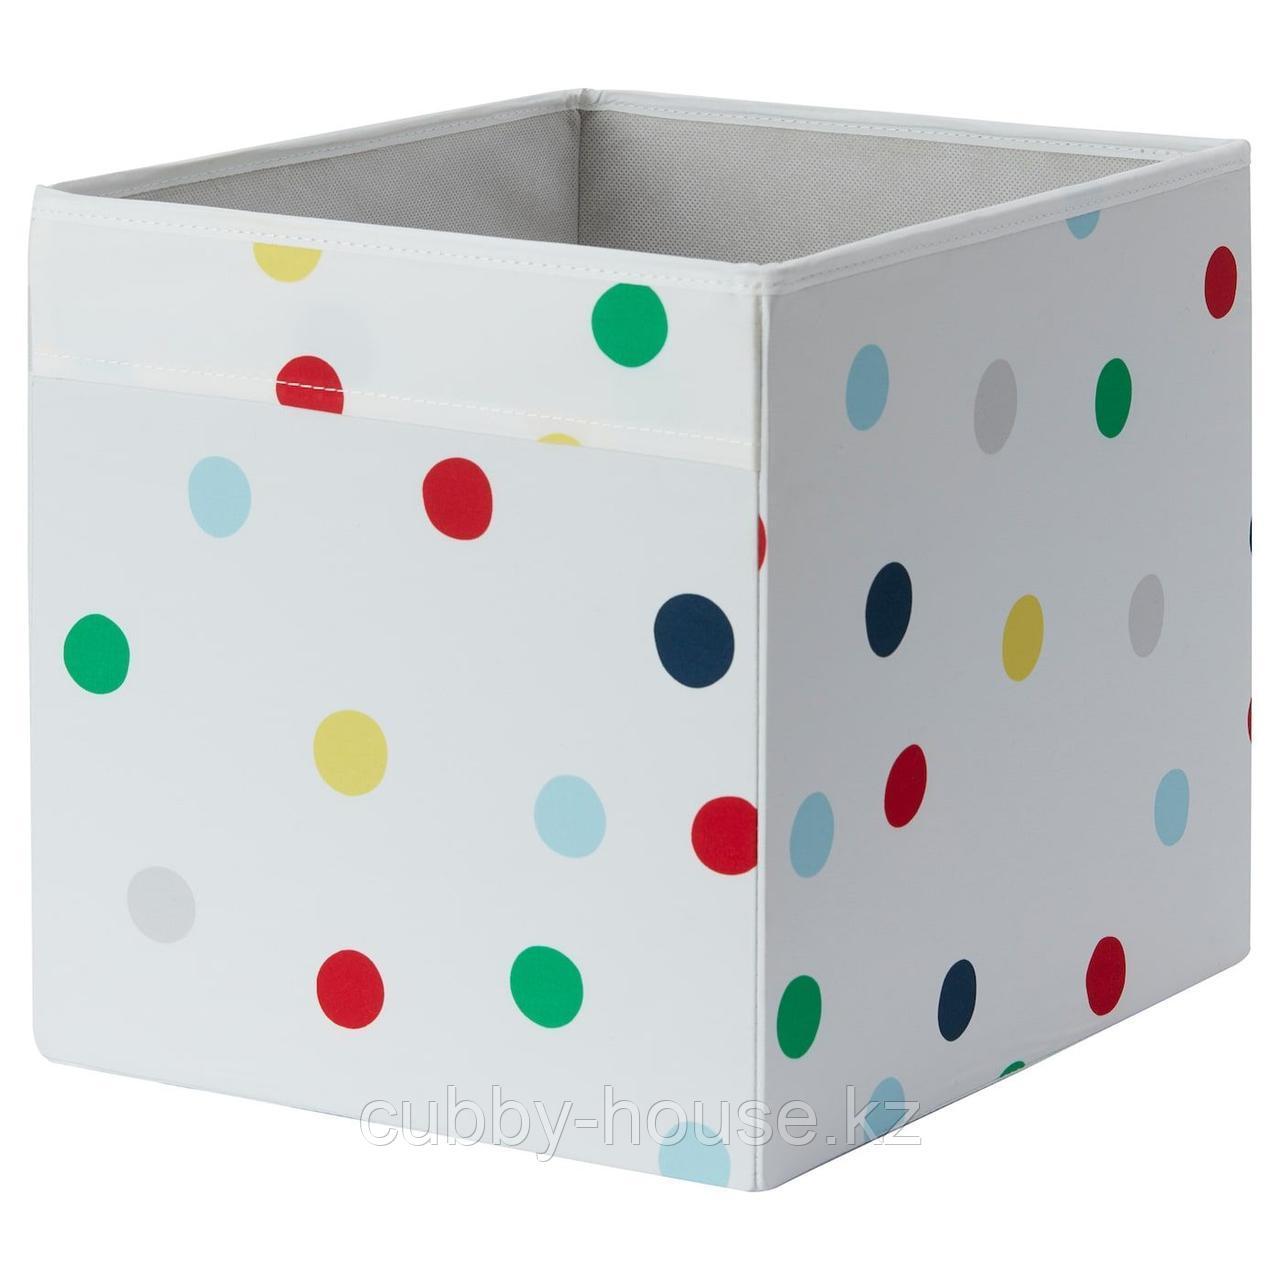 ДРЁНА Коробка, точечный, 33x38x33 см